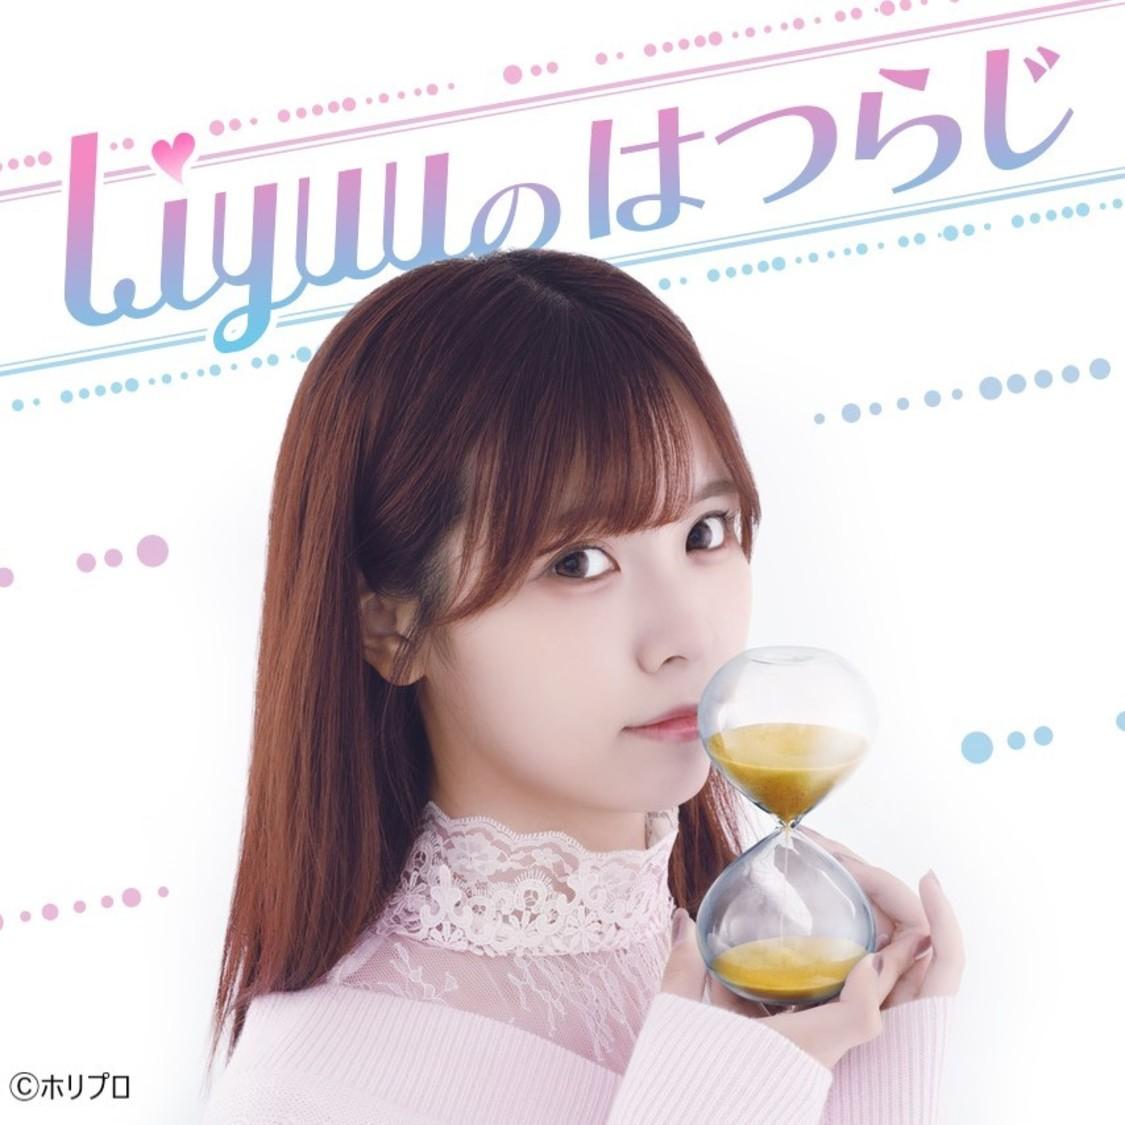 上海出身コスプレイヤー・歌手Liyuu、初パーソナリティ番組『Liyuuのはつらじ』第1回配信スタート!